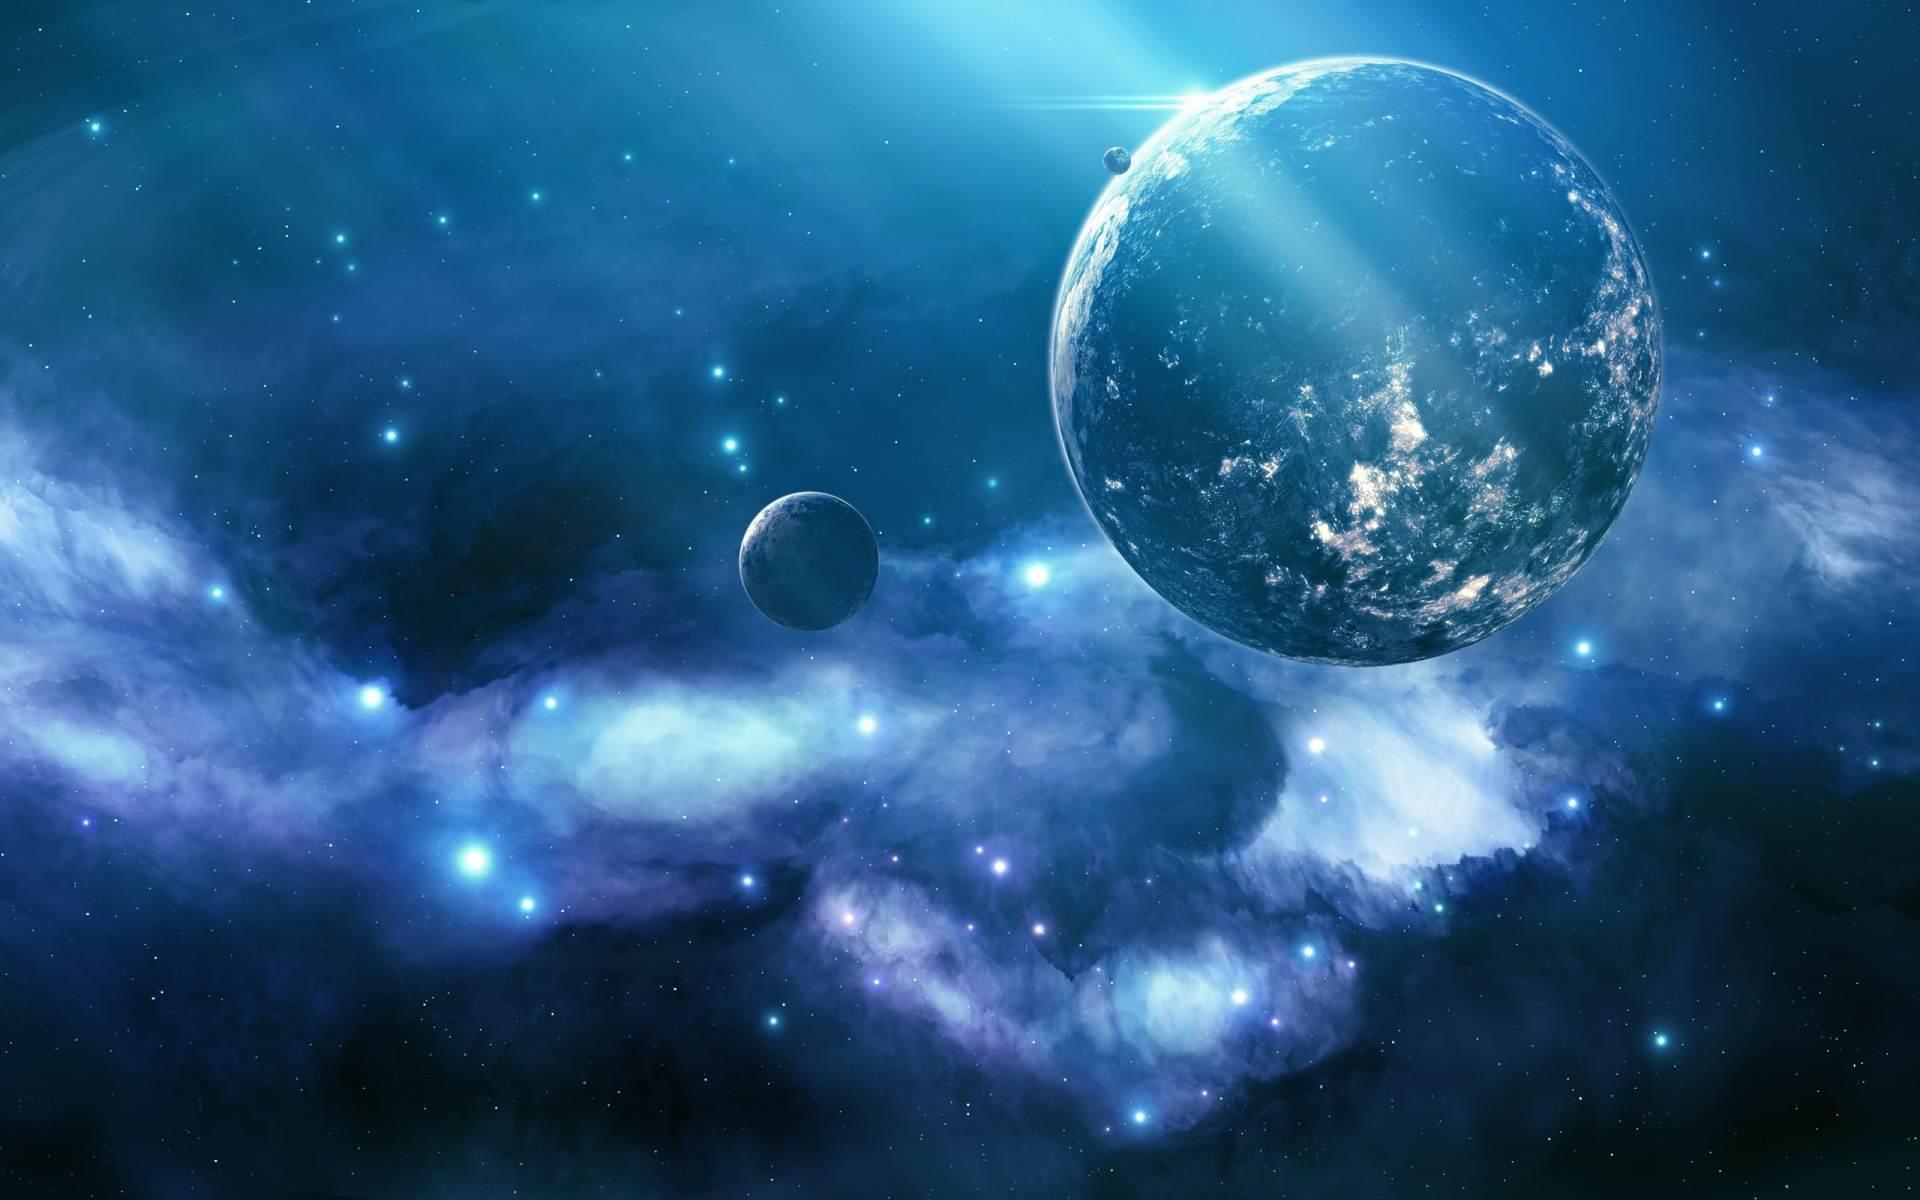 NASA pronašla cijeli solarni sistem sa 7 planeta veličine Zemlje